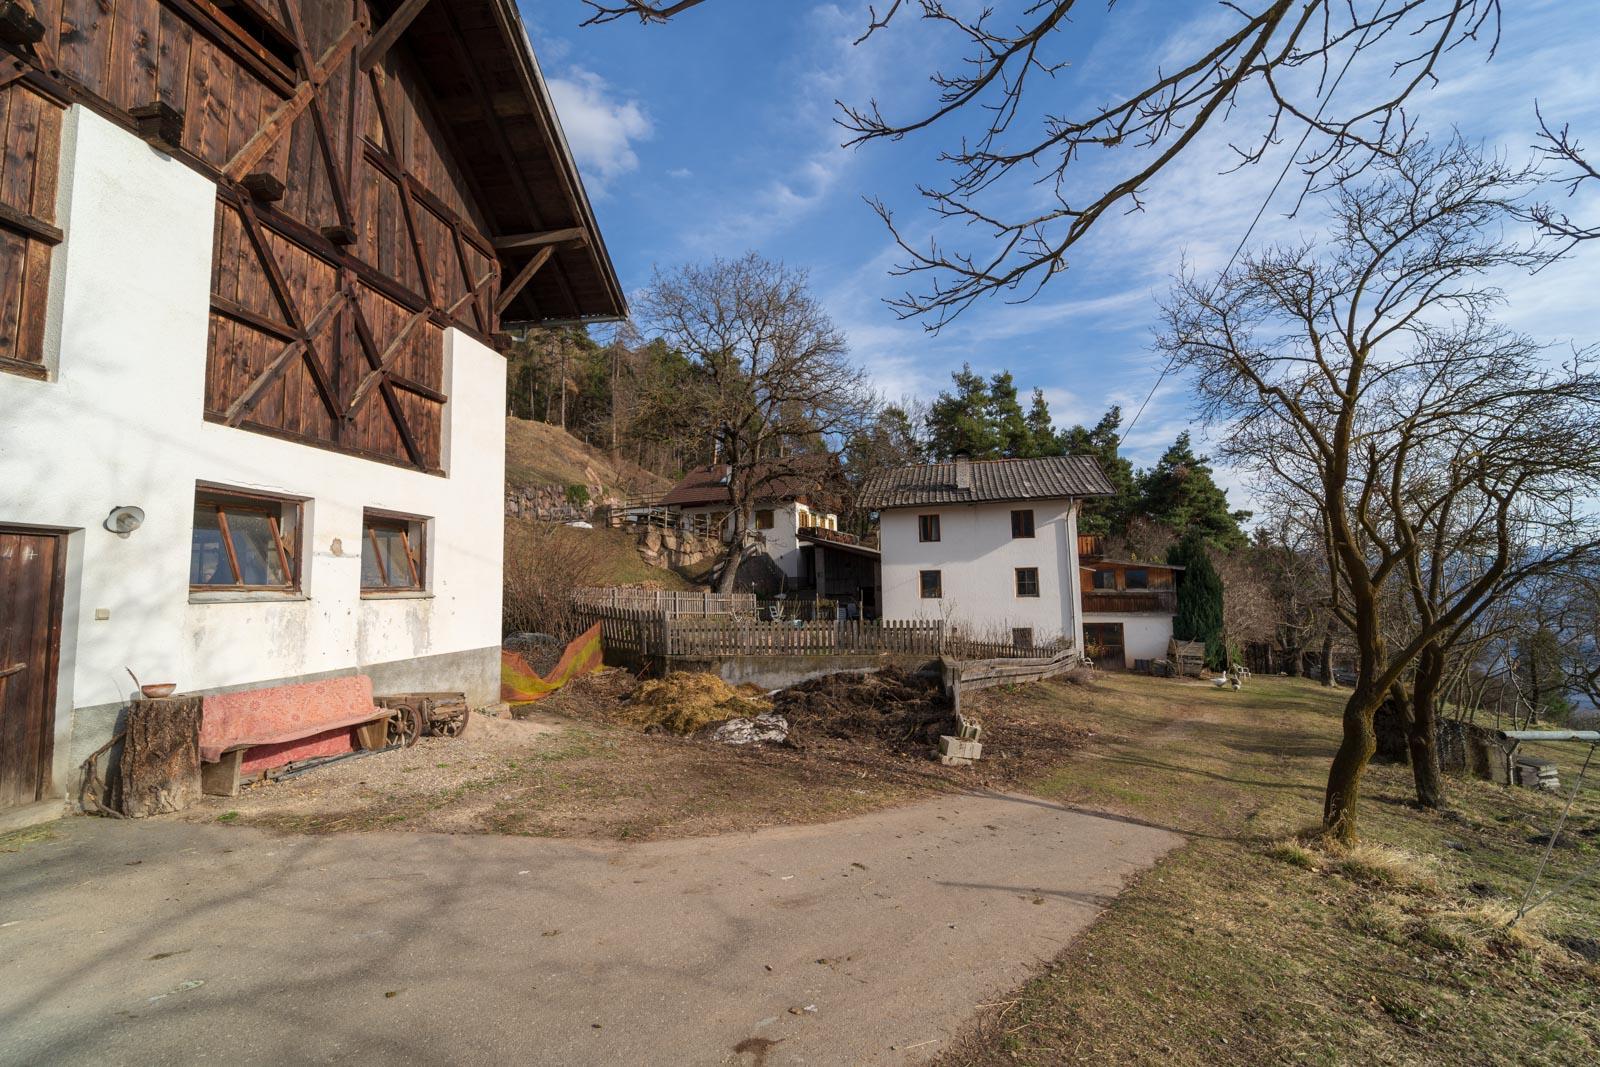 Maso chiuso in posizione soleggiata tra Merano e Bolzano in Alto Adige